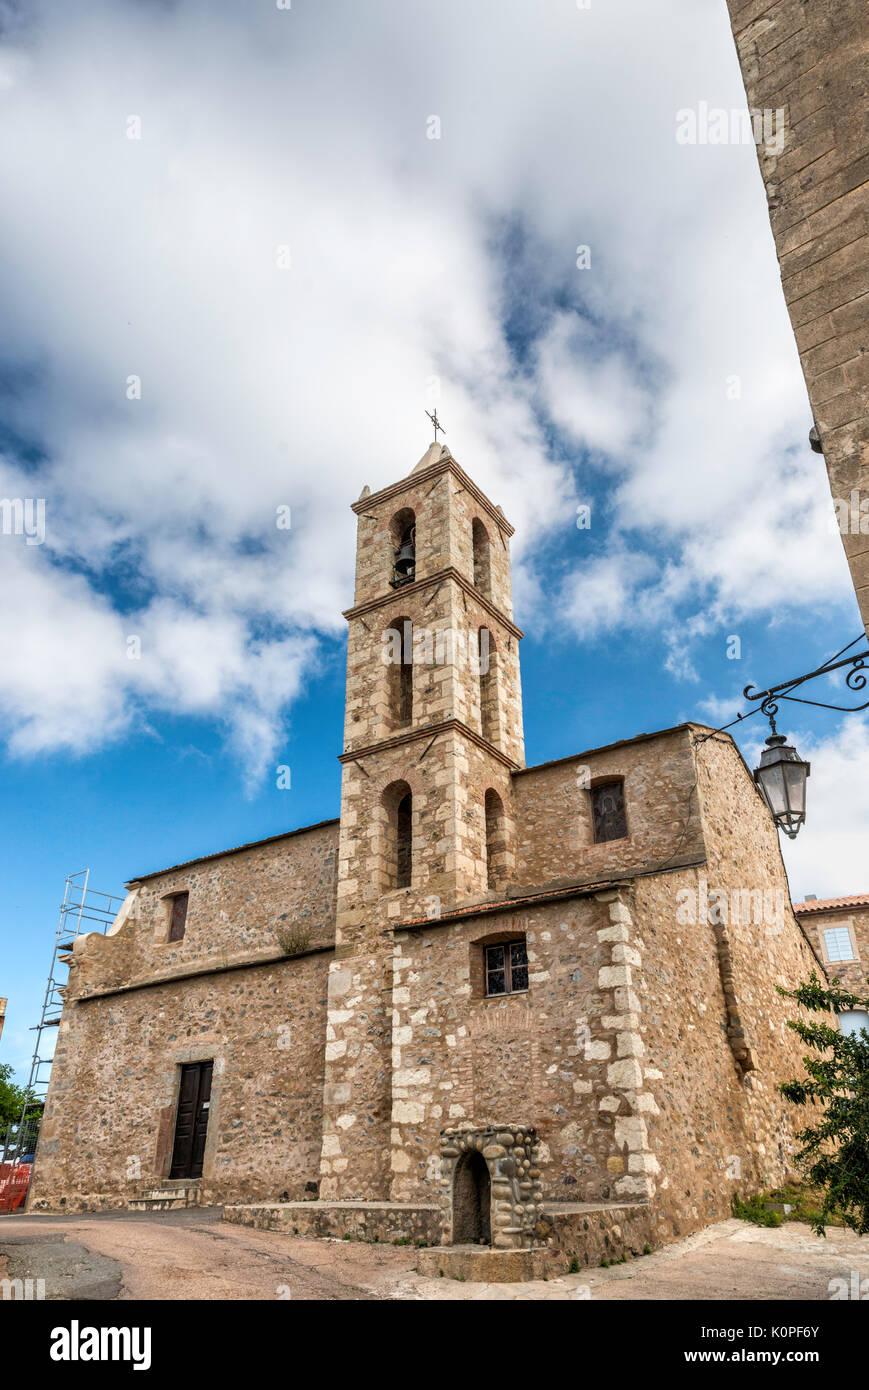 St-Marcel iglesia cerca de Fort de Matra en Aleria, Córcega, Francia Imagen De Stock